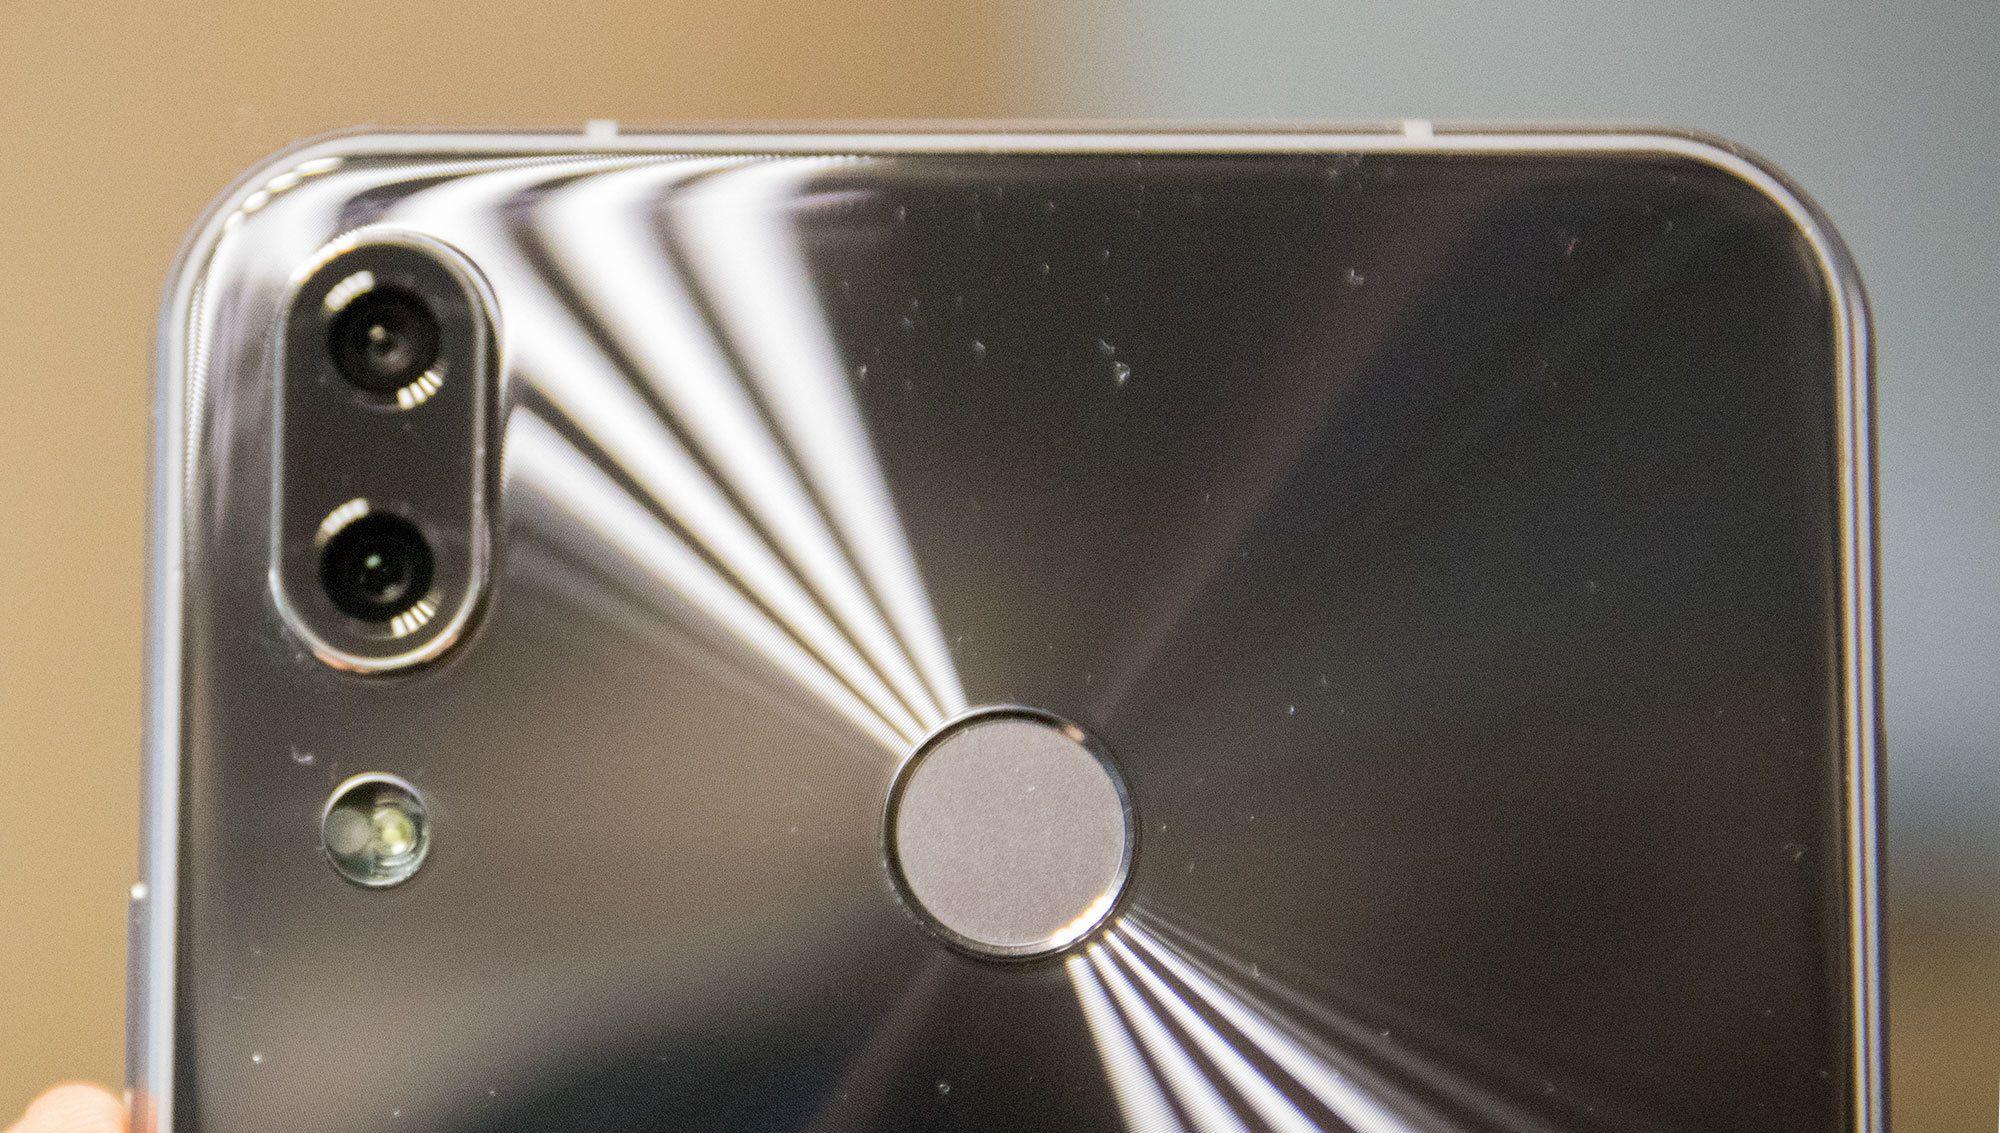 De doble kameraene kan brukes til å både ta bilder med forskjellige utsnitt, eller for å ta bedre portrettbilder.